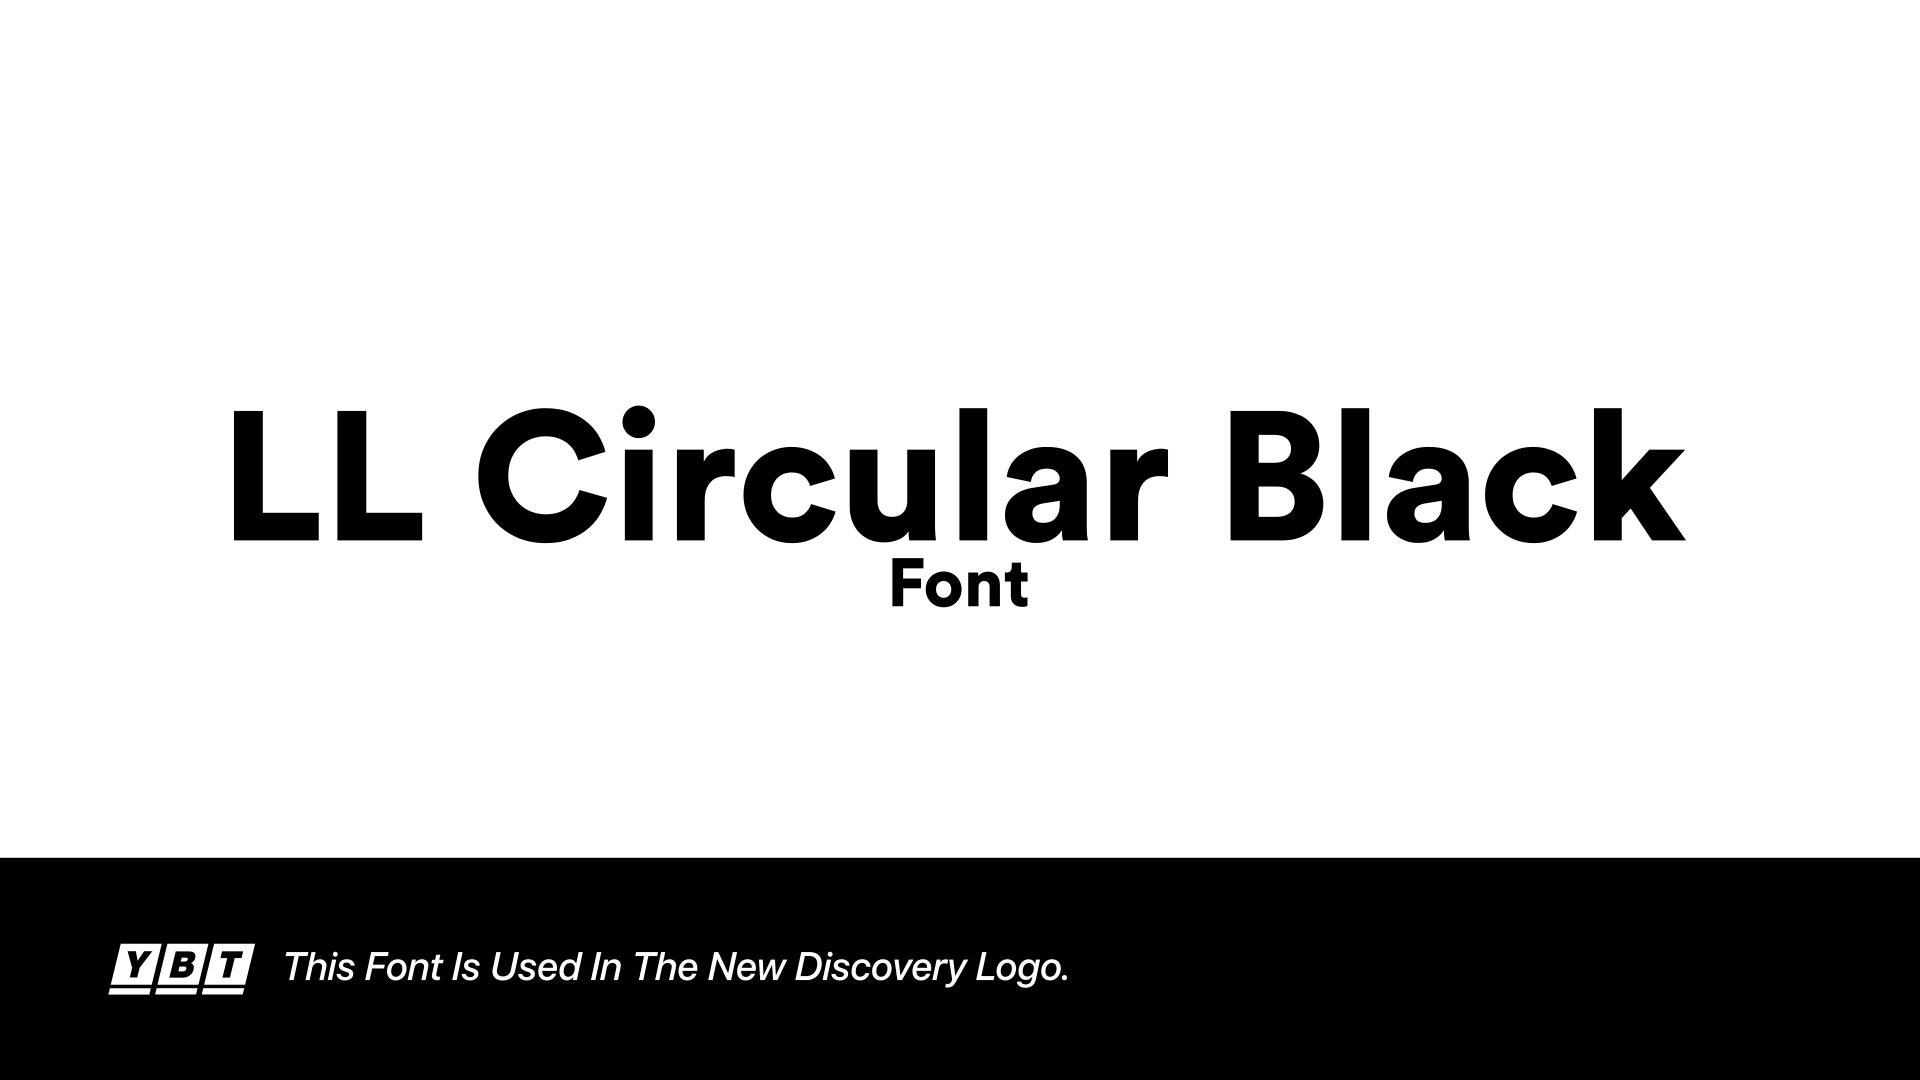 LL Circular Black Font by YbtOffical on DeviantArt